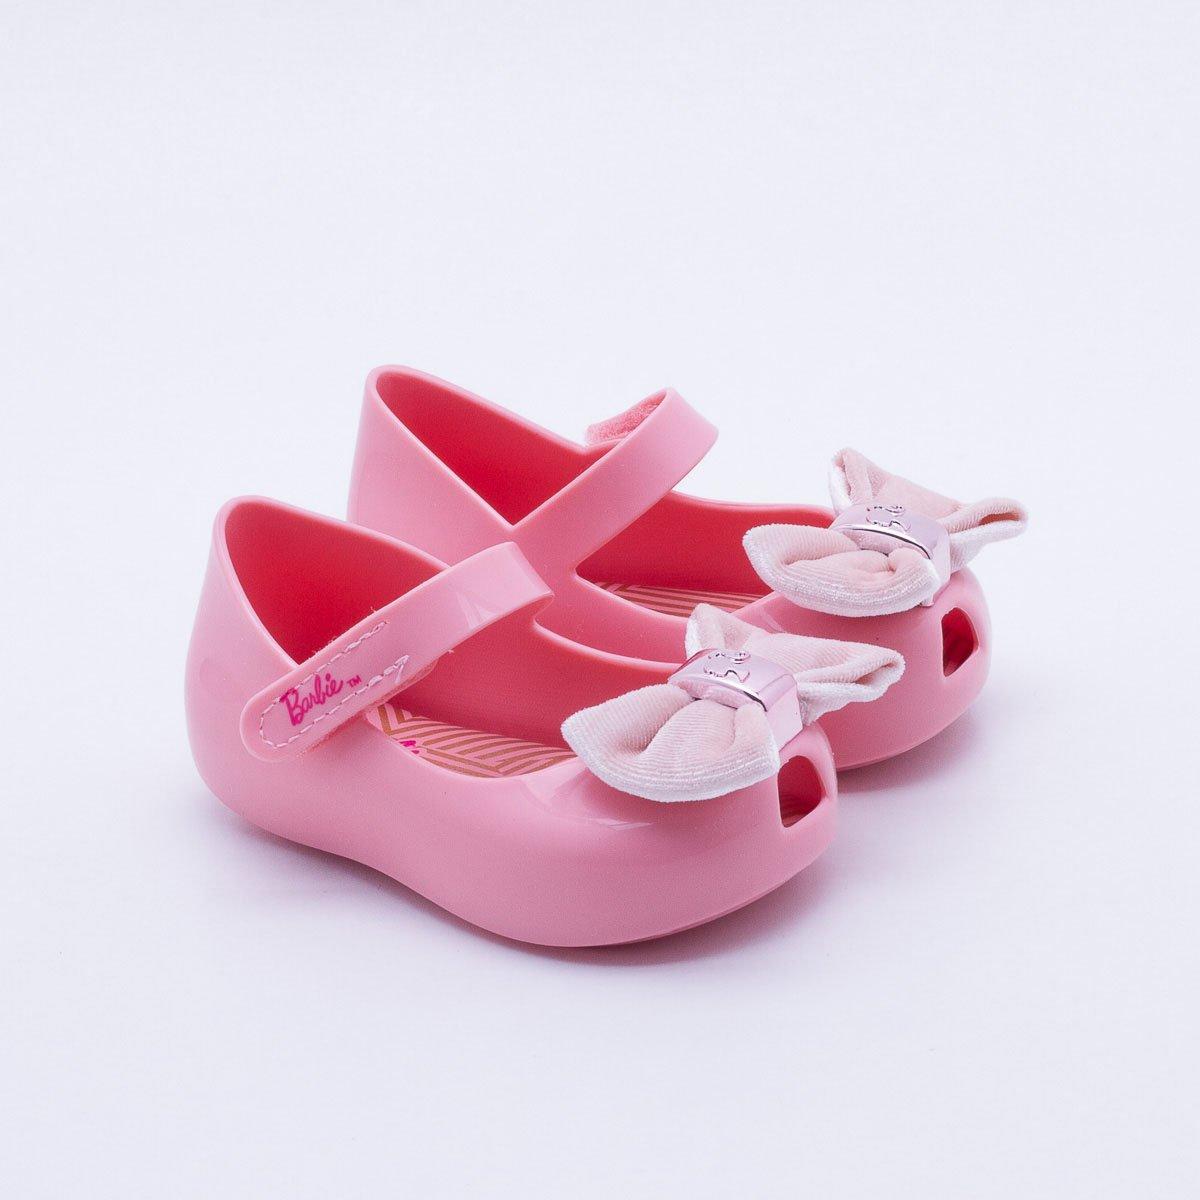 2ad8888c2 Sapatilha Grendene Infantil Barbie - Compre Agora